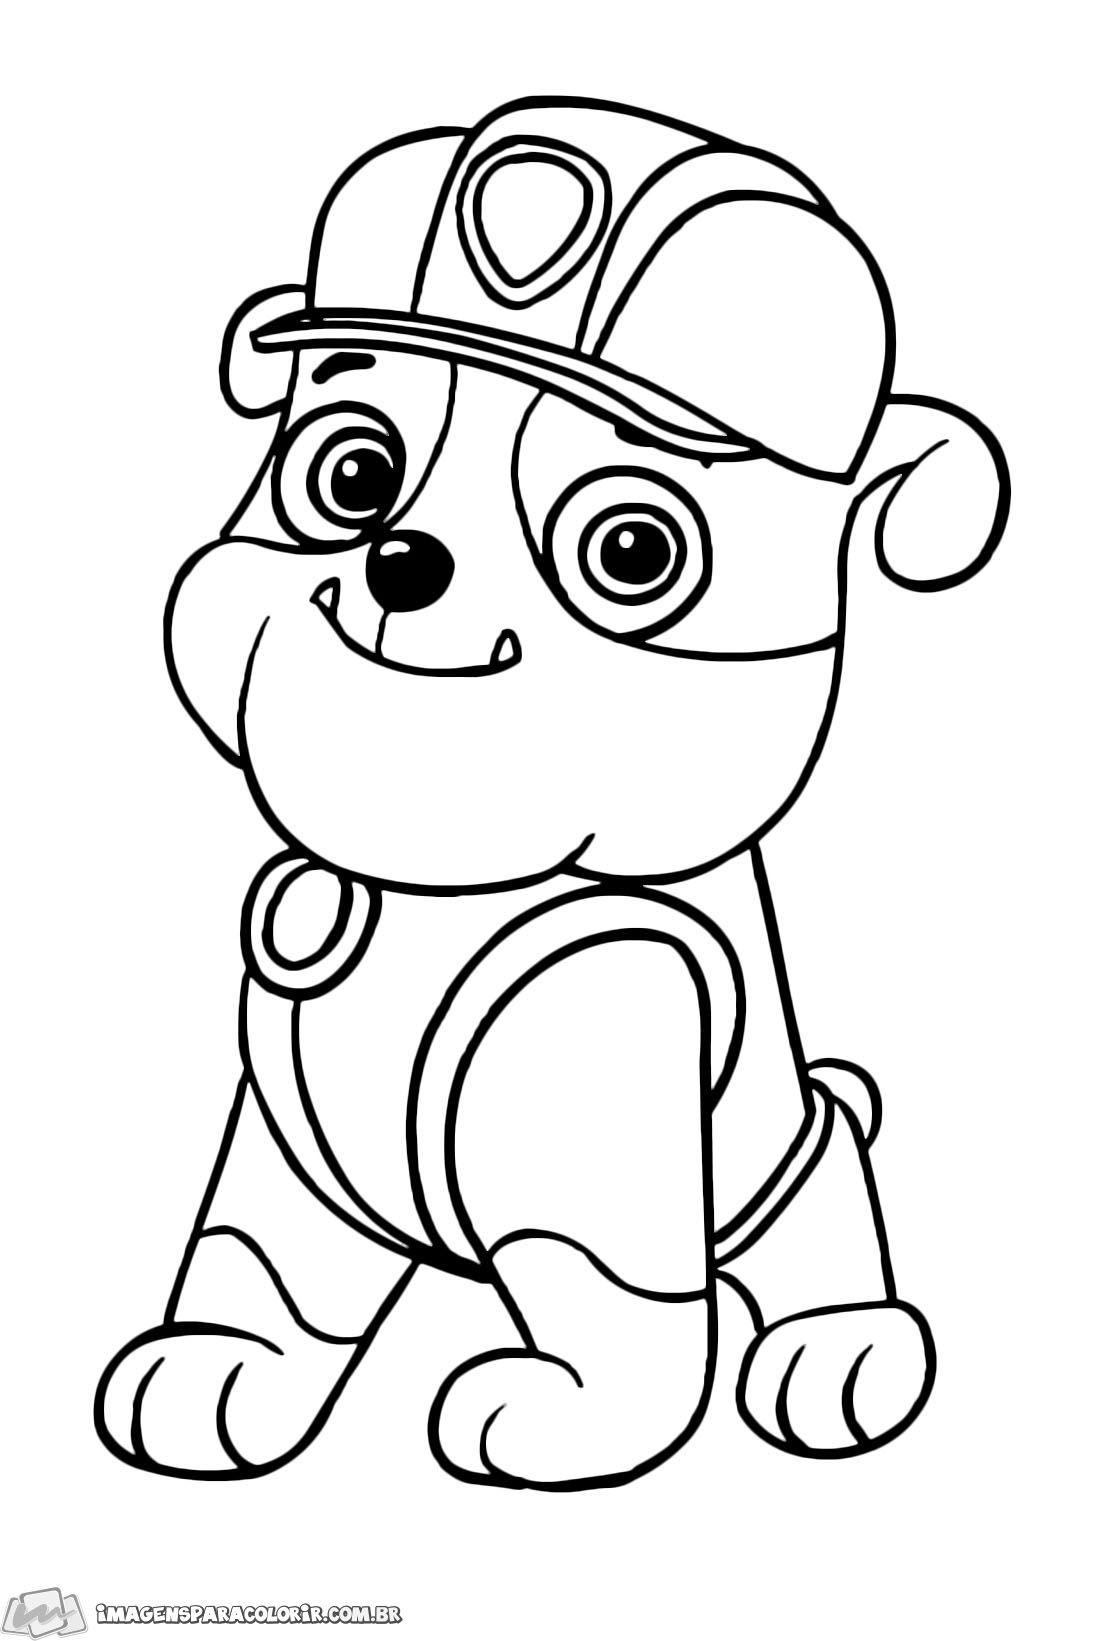 Rubble 02 Imagens Para Colorir Em 2020 Patrulha Canina Para Colorir Desenho Dos Minions Desenhos Para Criancas Colorir